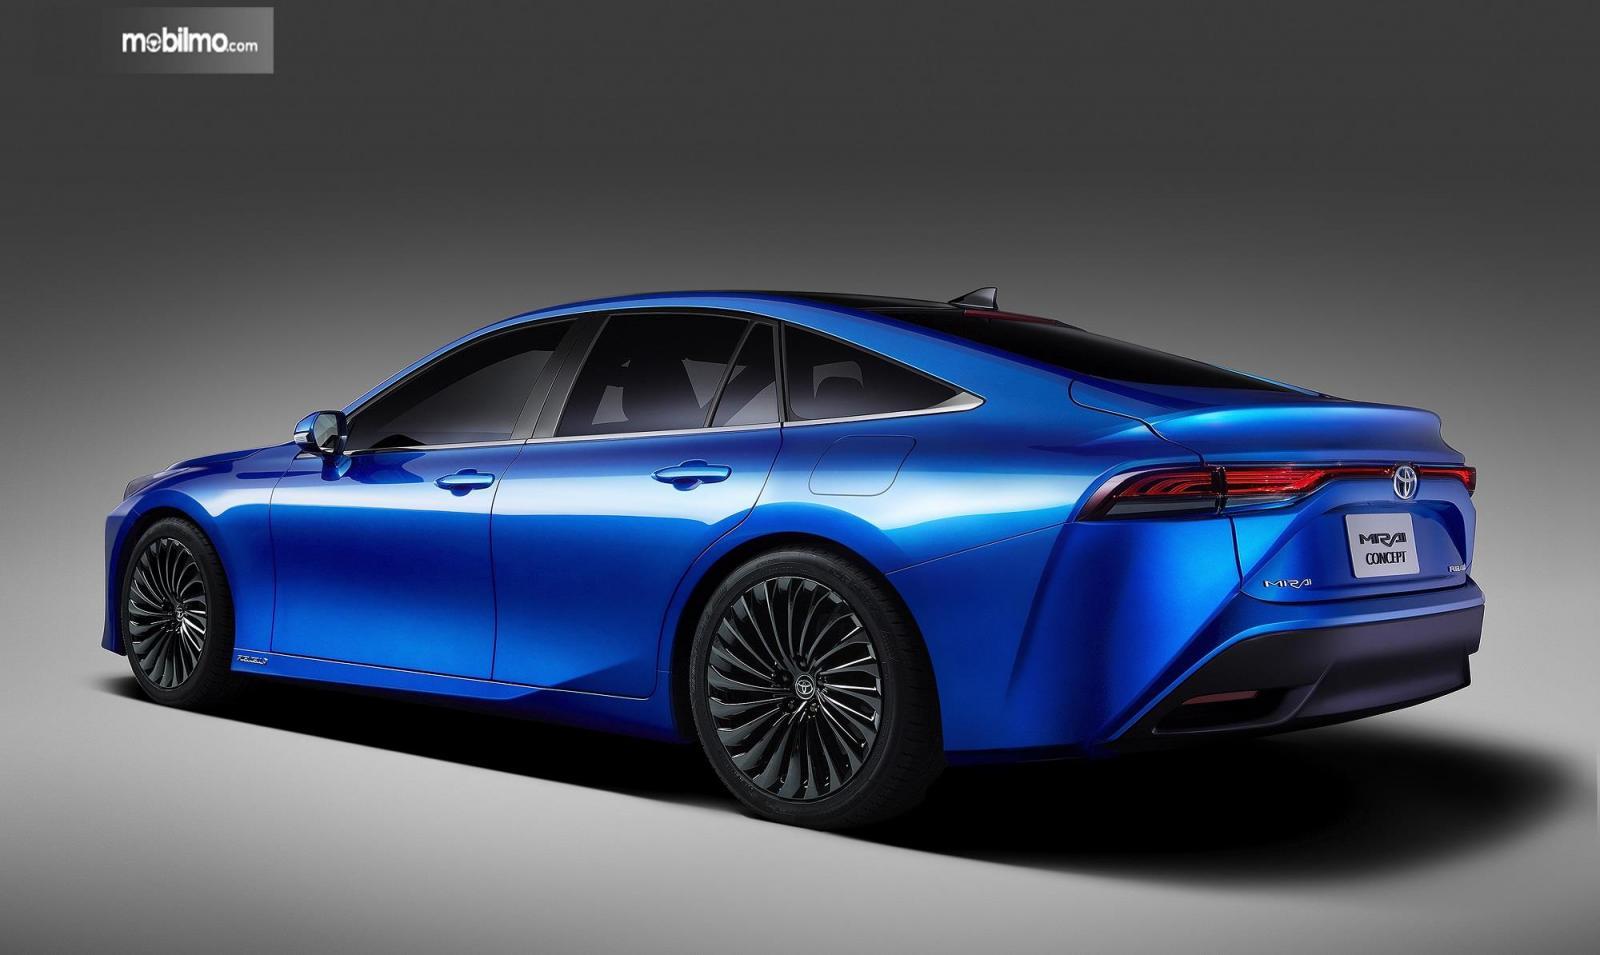 Foto menunjukkan Toyota Mirai Concept 2021 tampak dari samping belakang